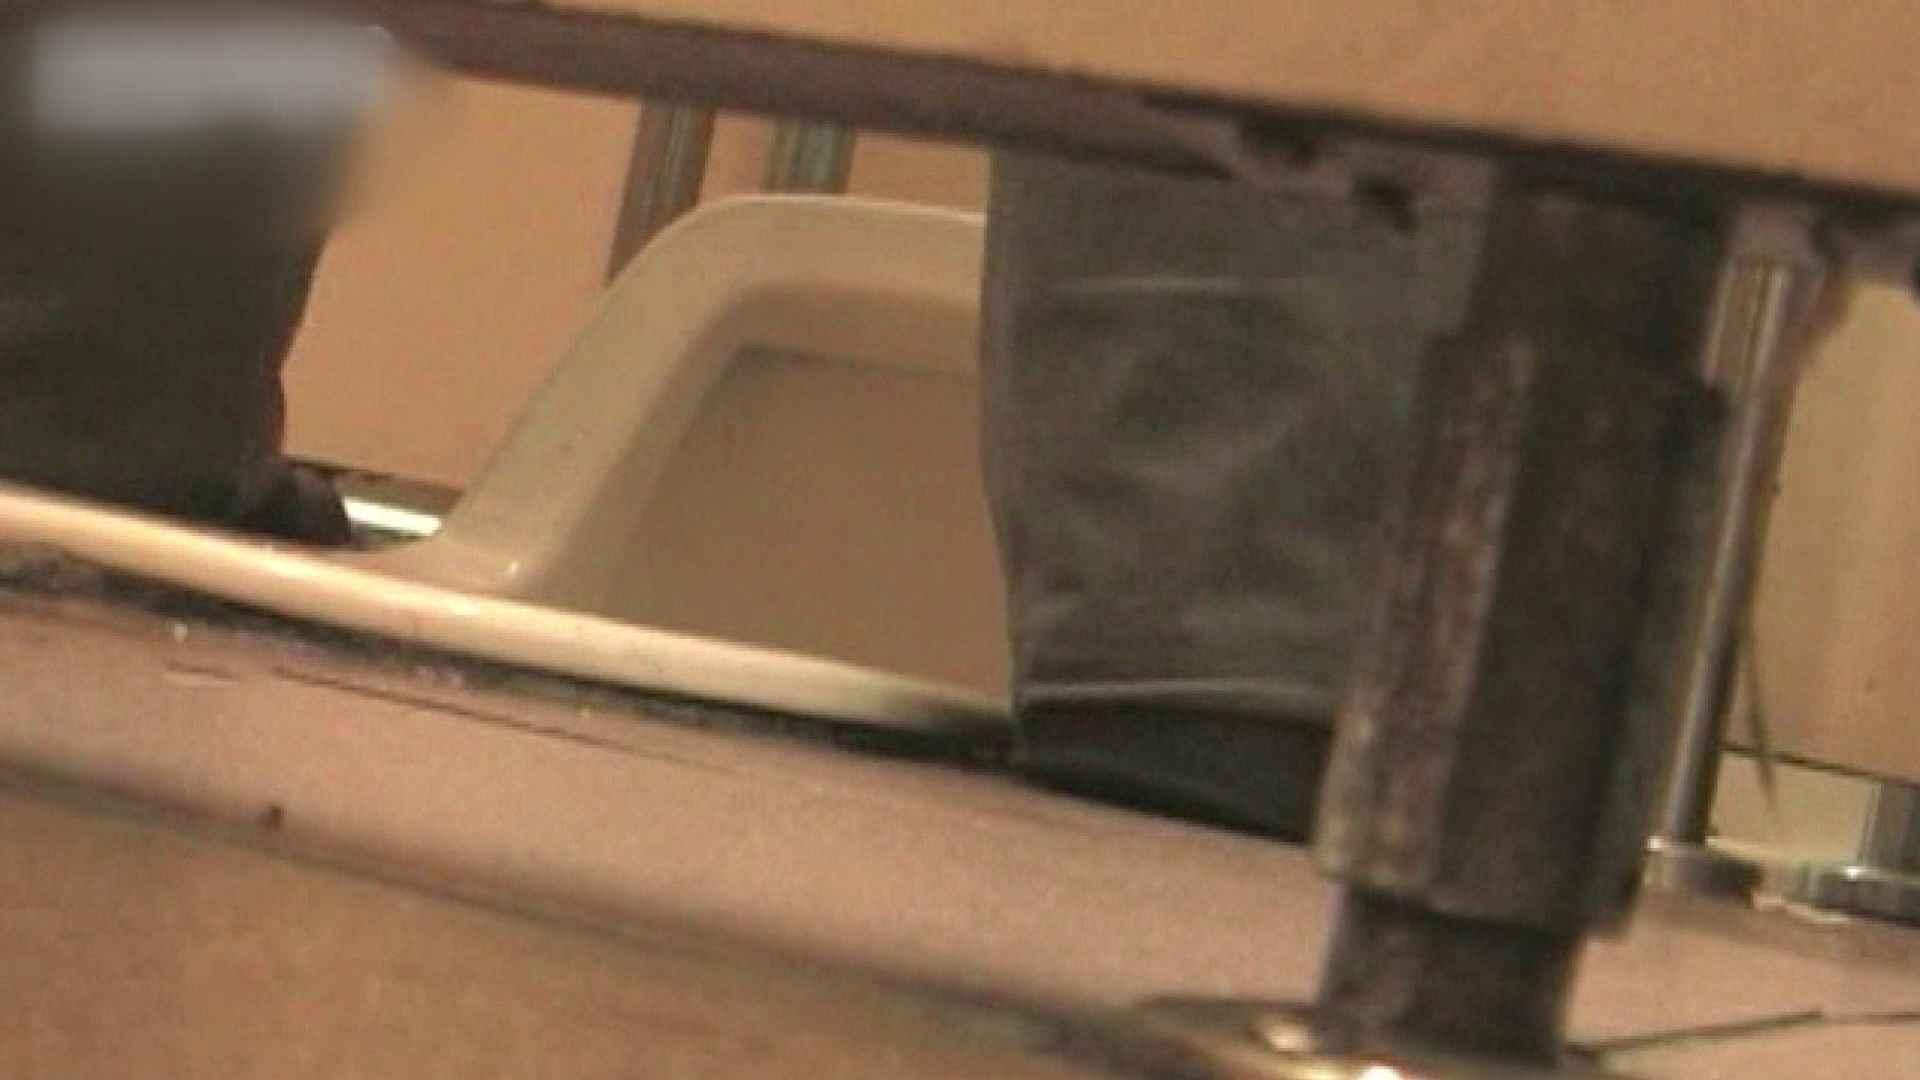 ロックハンドさんの盗撮記録File.29 オマンコ特集 盗撮動画紹介 91pic 75